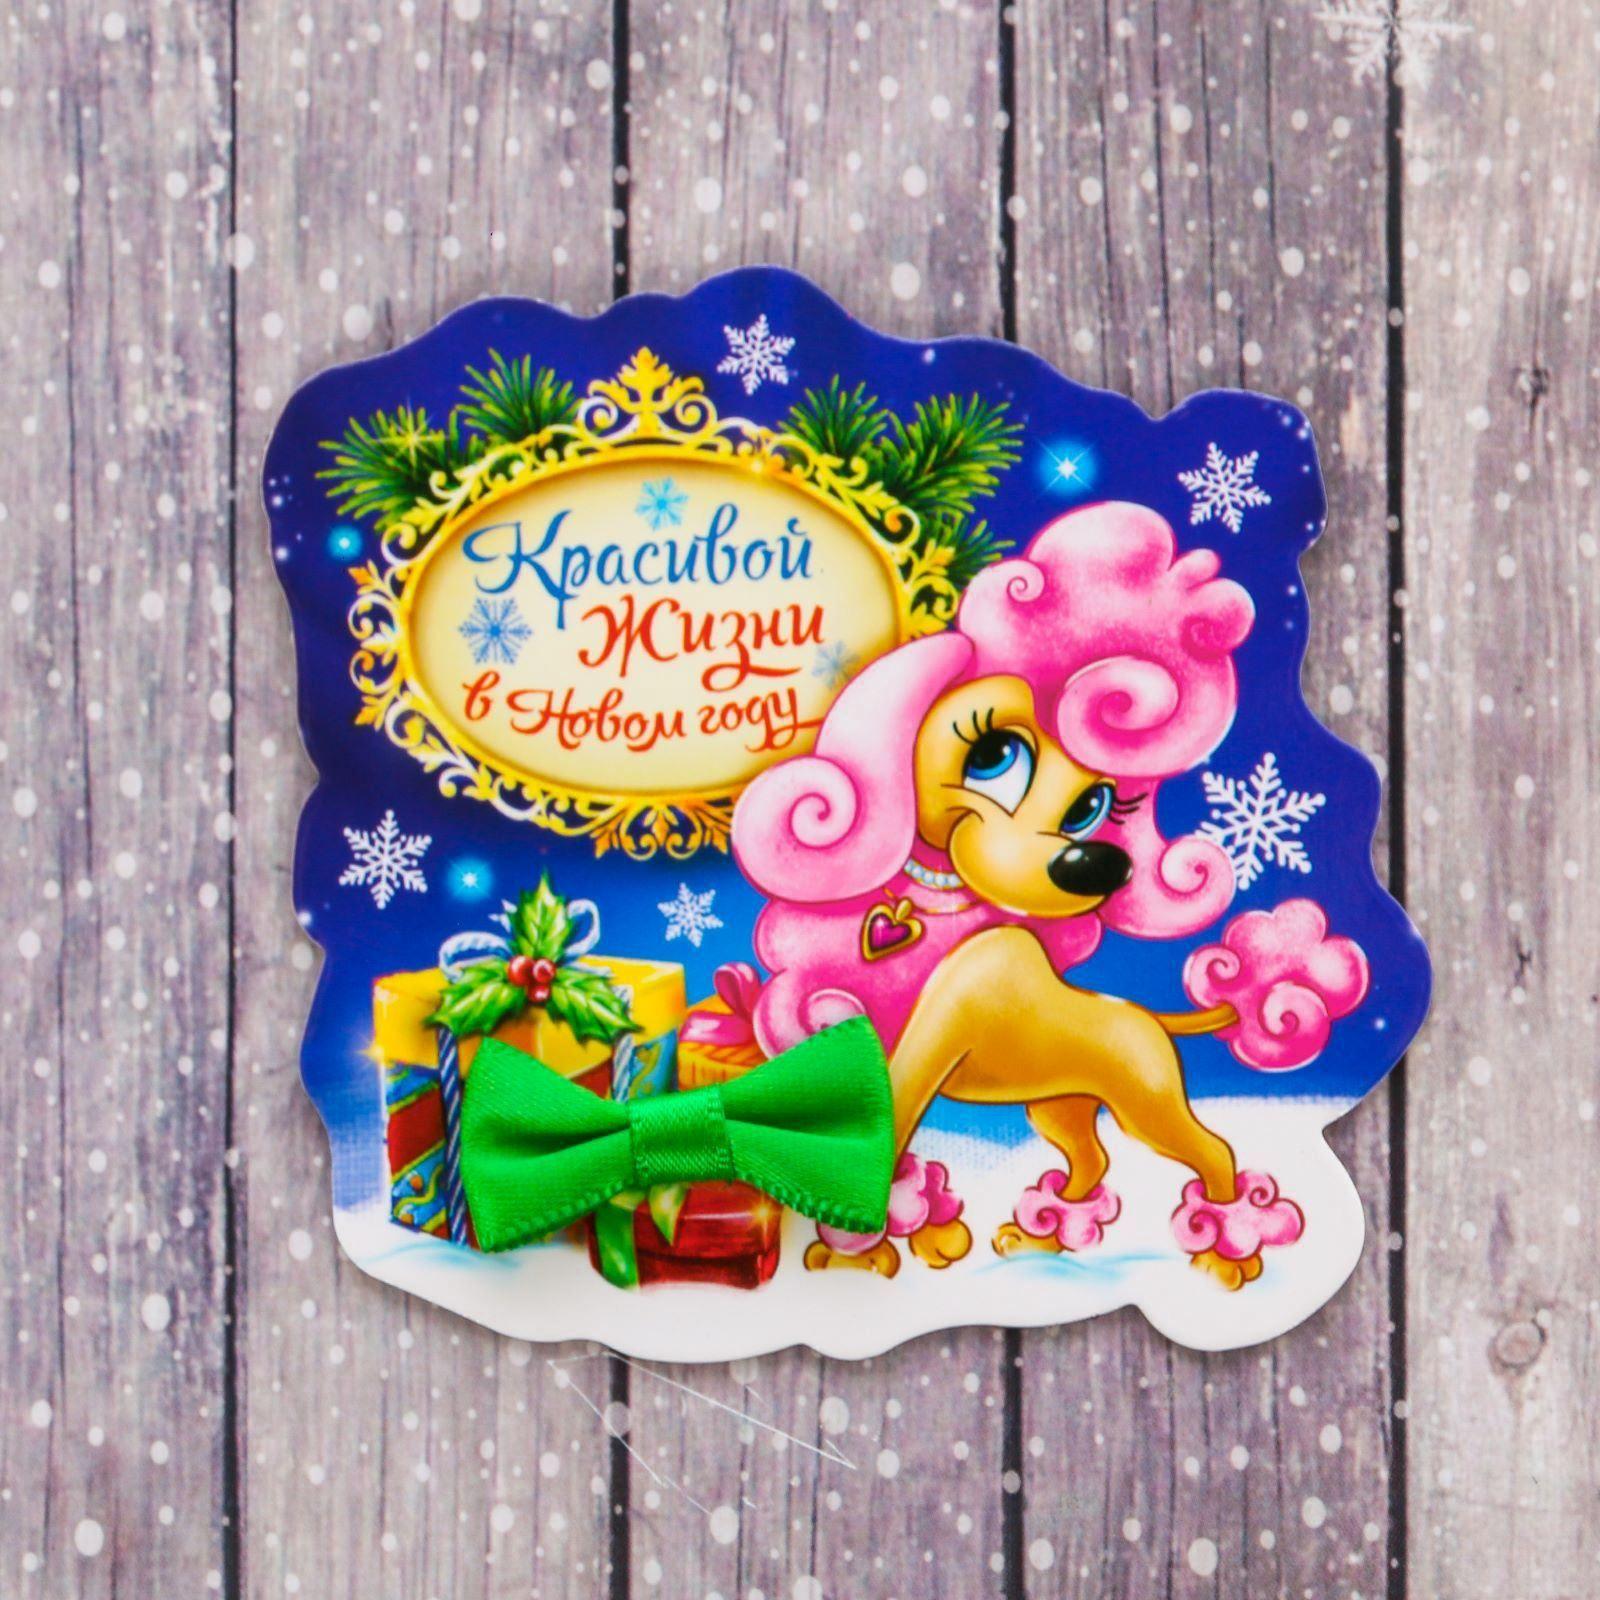 Магнит Sima-land Красивой жизни в Новом году, с бантиком, 8 х 7,6 см2196194Порадуйте родных и близких оригинальным сувениром: преподнесите в подарок магнит. С ним даже самый серьёзный человек почувствует себя ребёнком, ожидающим чудо! Создайте праздничное настроение, и оно останется с вами на весь год.